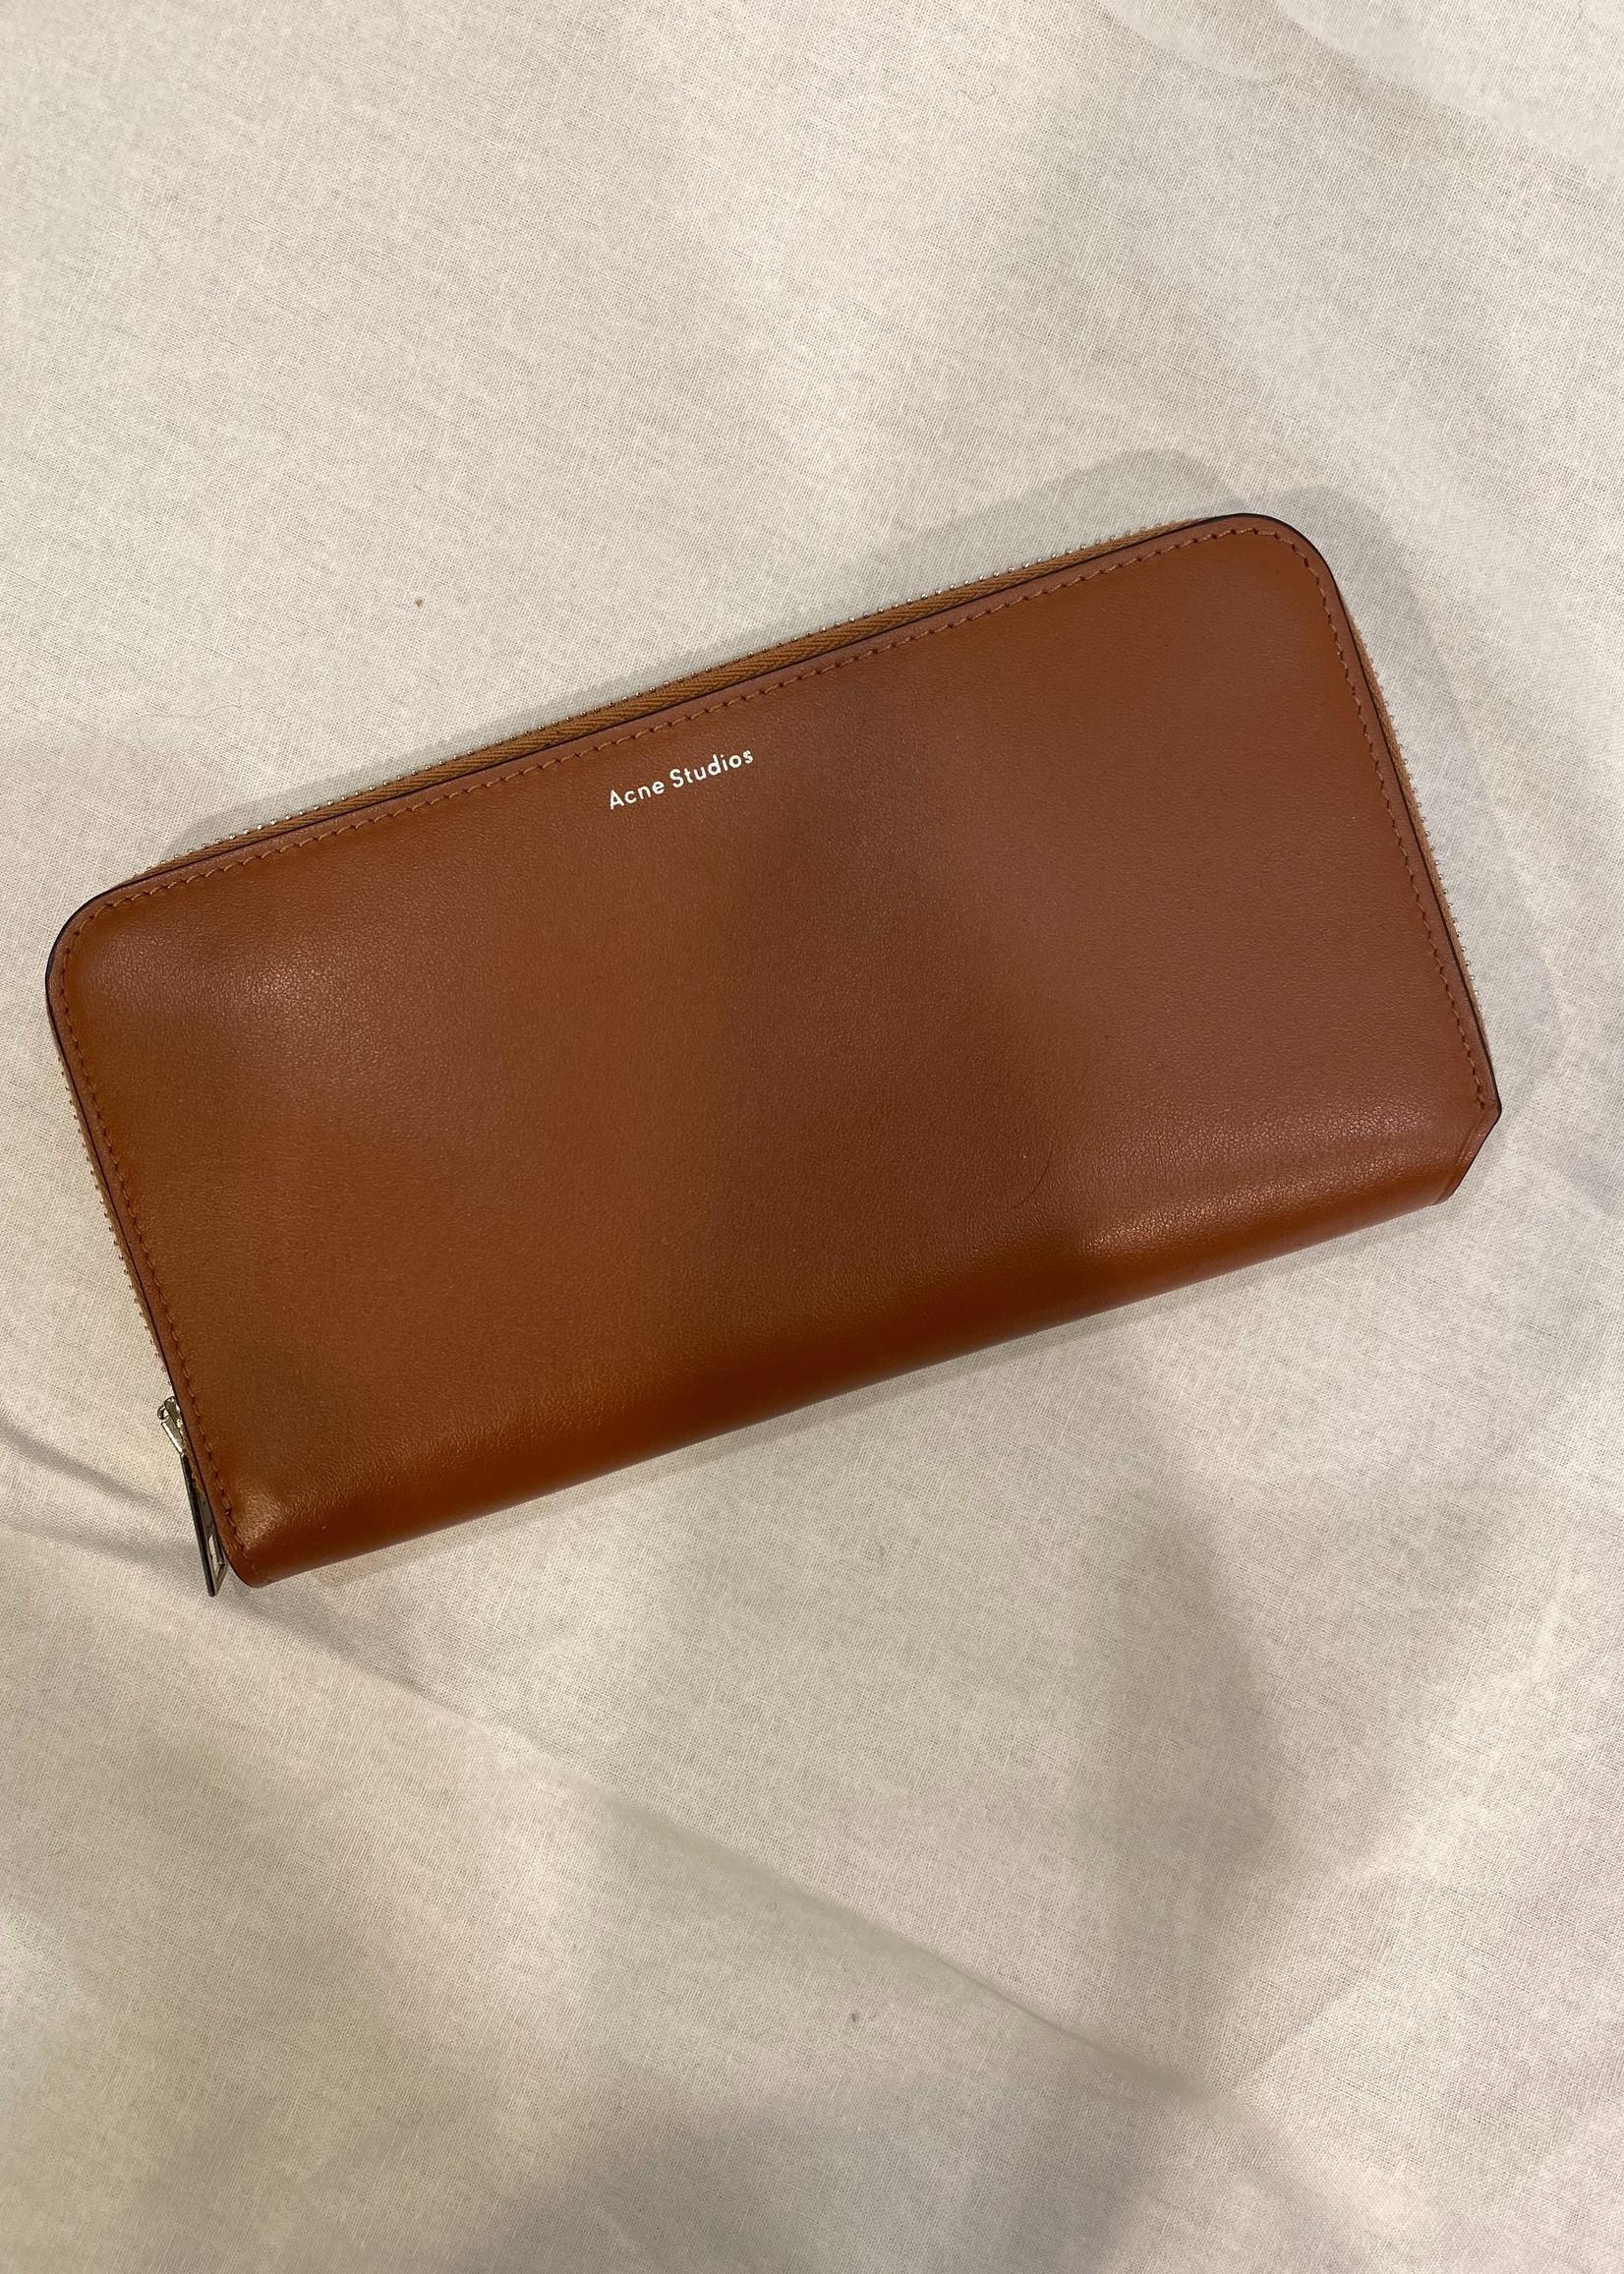 Acne Studios acnestudios wallet leather, camel